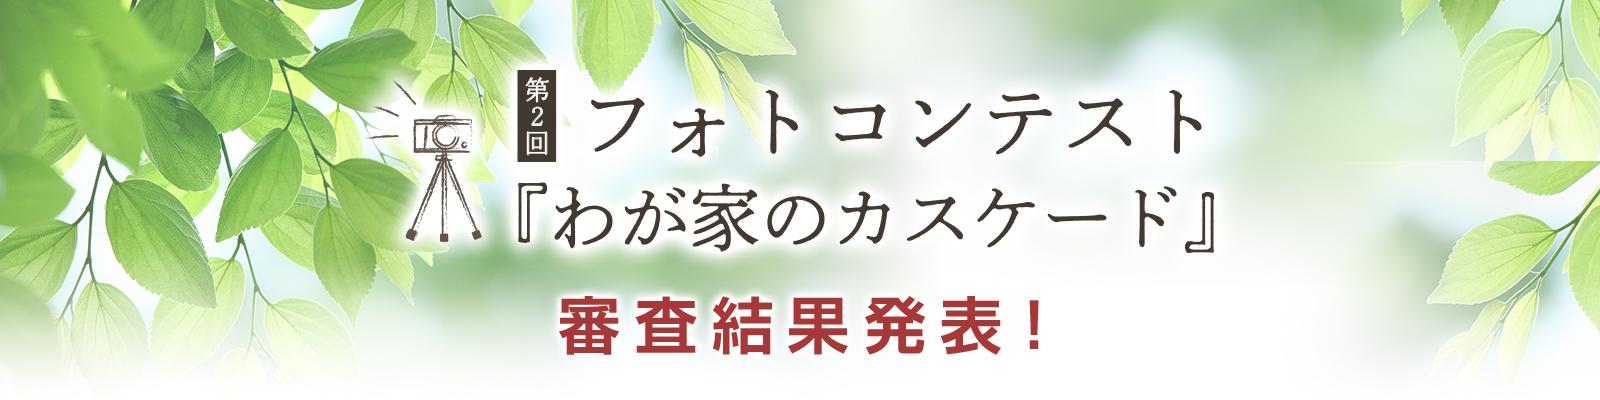 第2回フォトコンテスト『わが家のカスケード』審査結果発表!